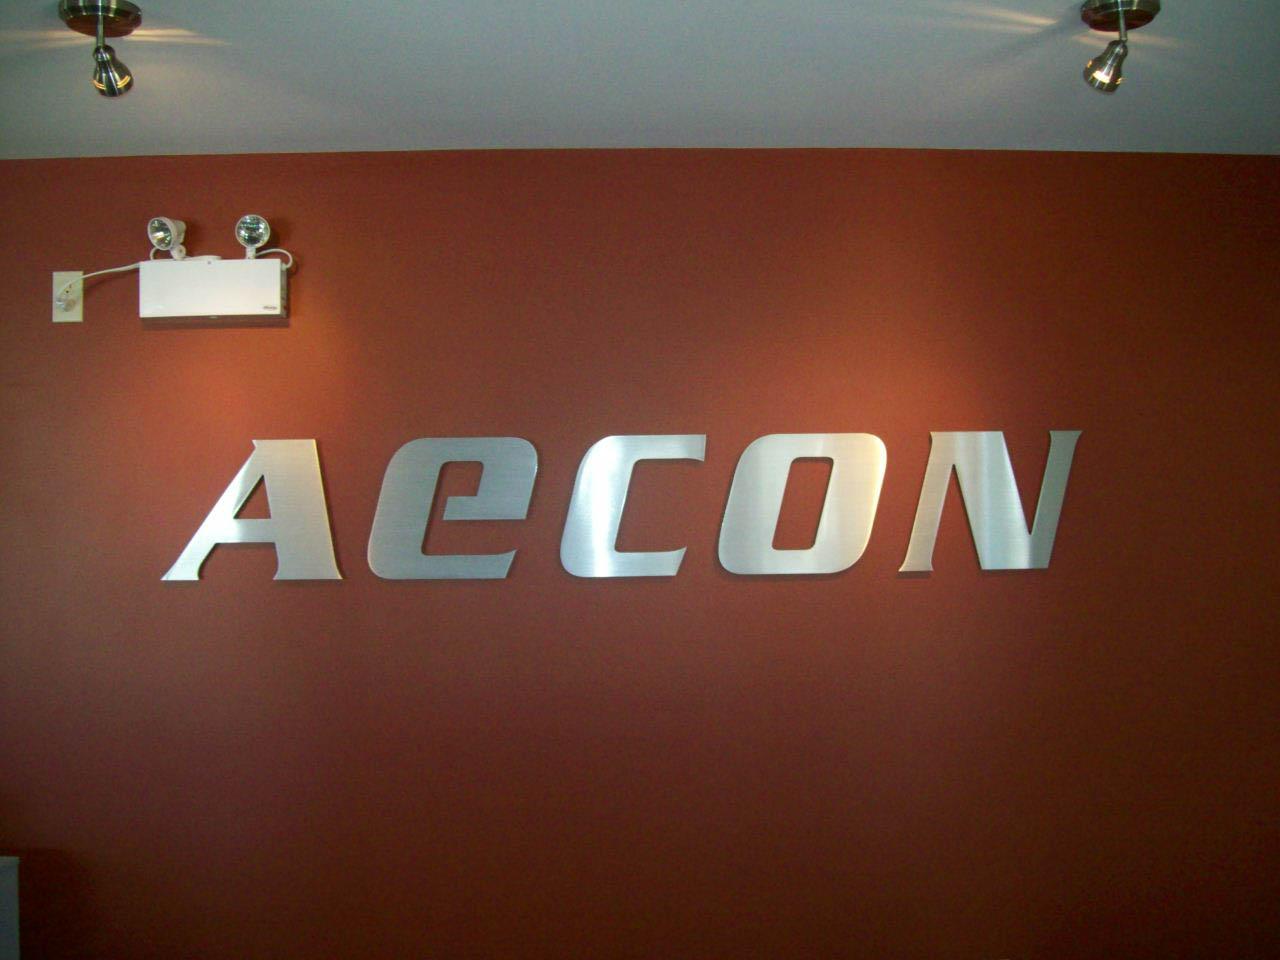 Aecon Letter Install.jpg